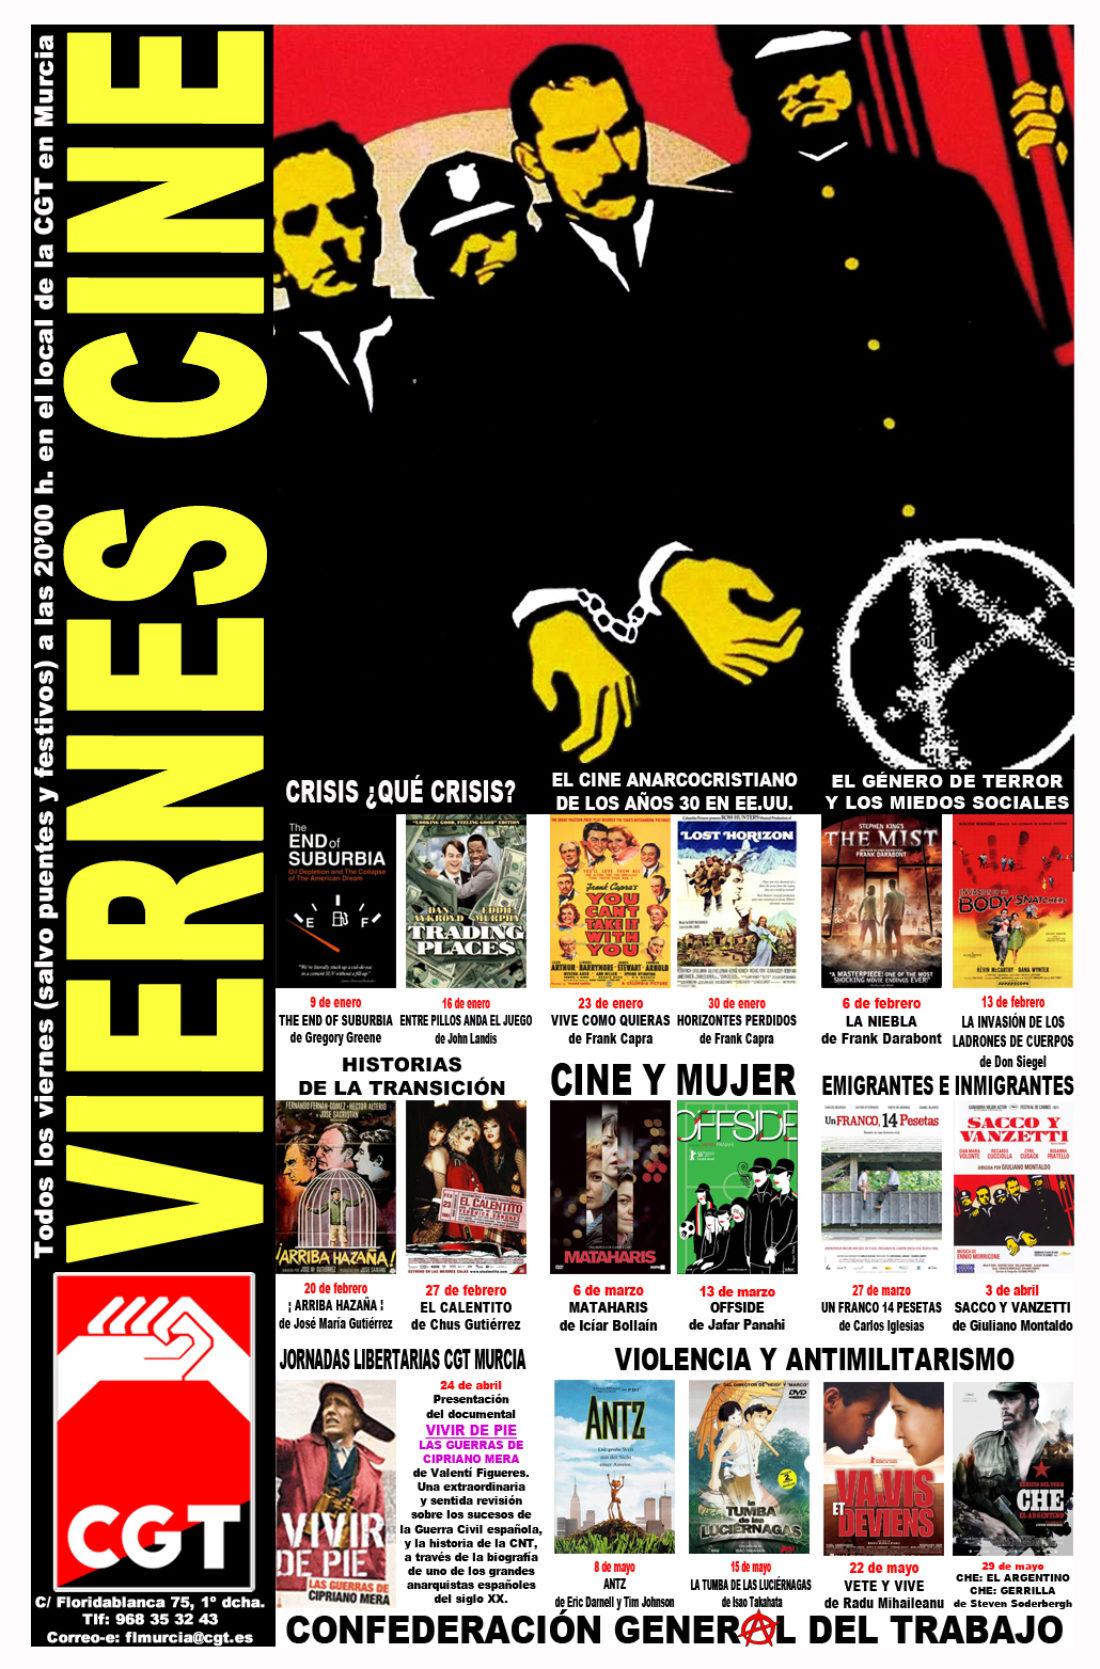 VIERNES CINE. Cartel programación hasta junio y el 9 de enero THE END OF SUBURBE a las 20'00 h. en el local de CGT en Murcia